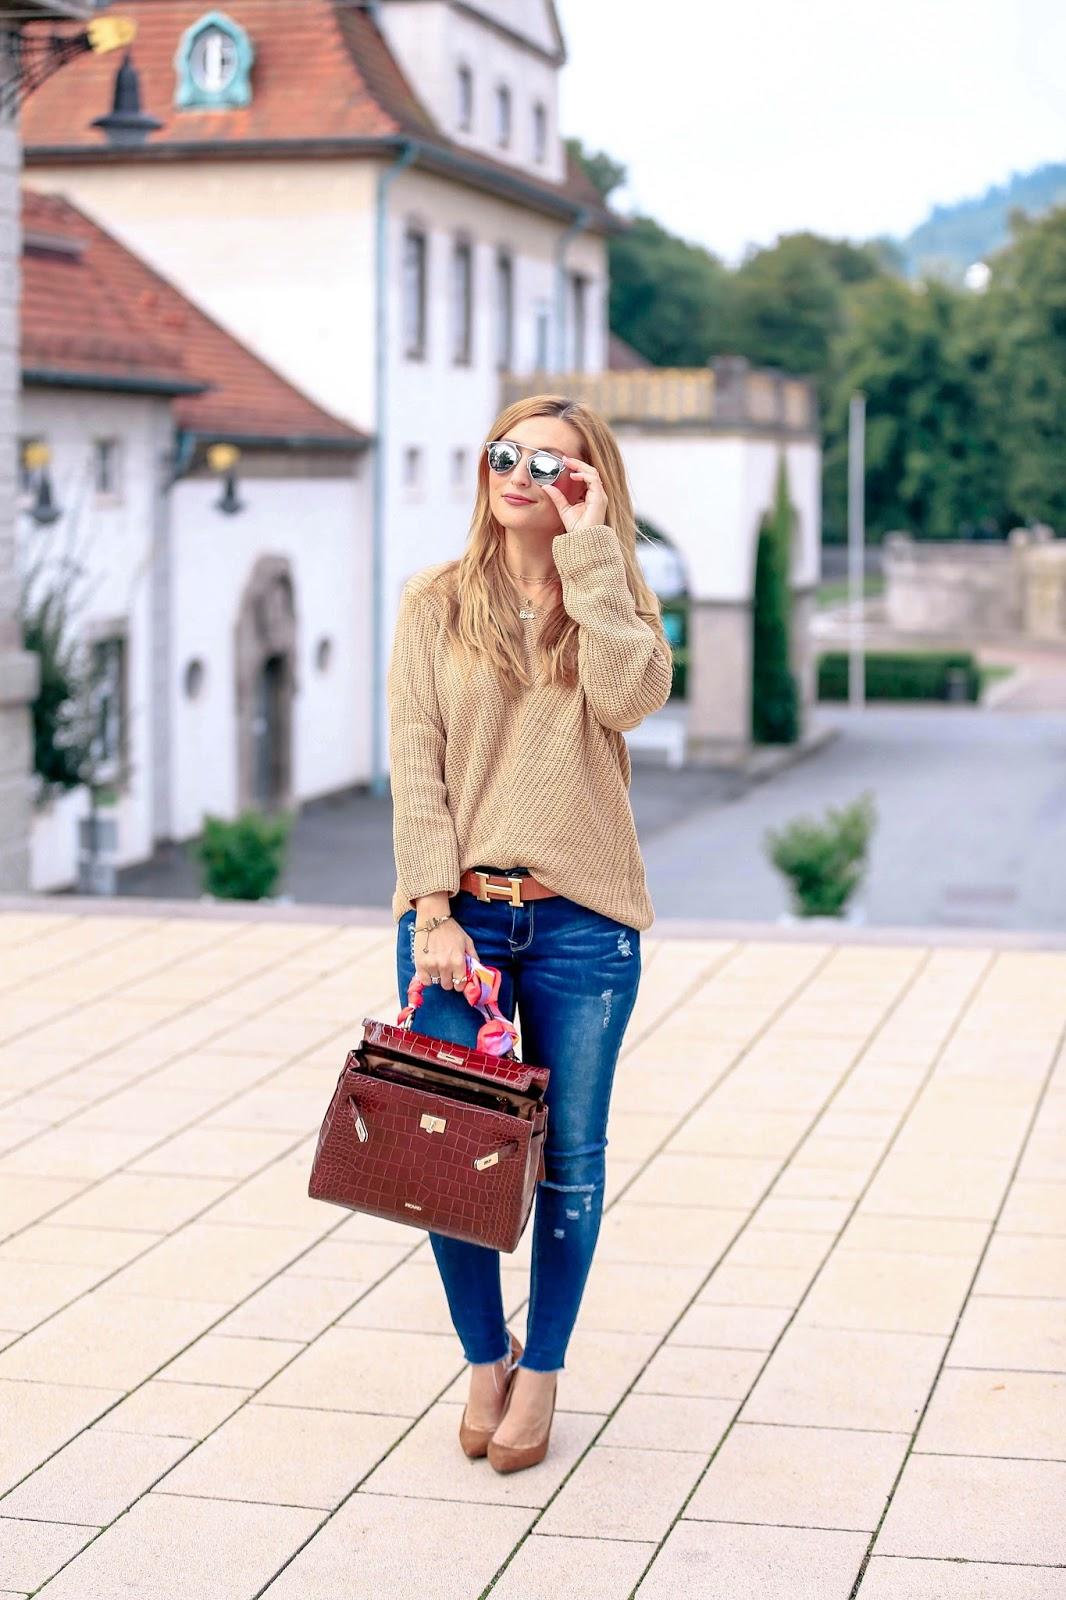 fall-fashion-2017-emily-gemma-cadet-cap-cropped-flared-frayed-denim-pochette-metis-bag-baby-boy-fashion-herbst